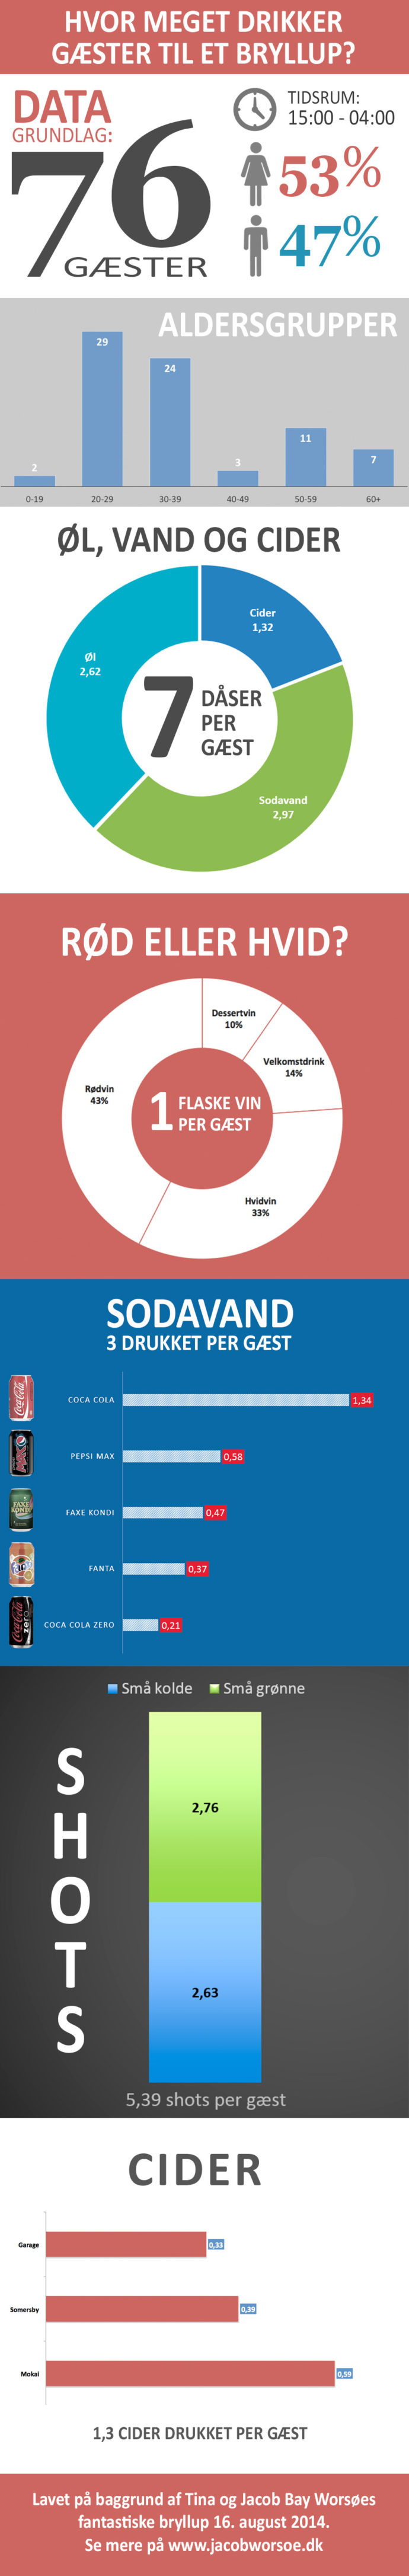 Infografik: Så meget drikker gæsterne til et bryllup.